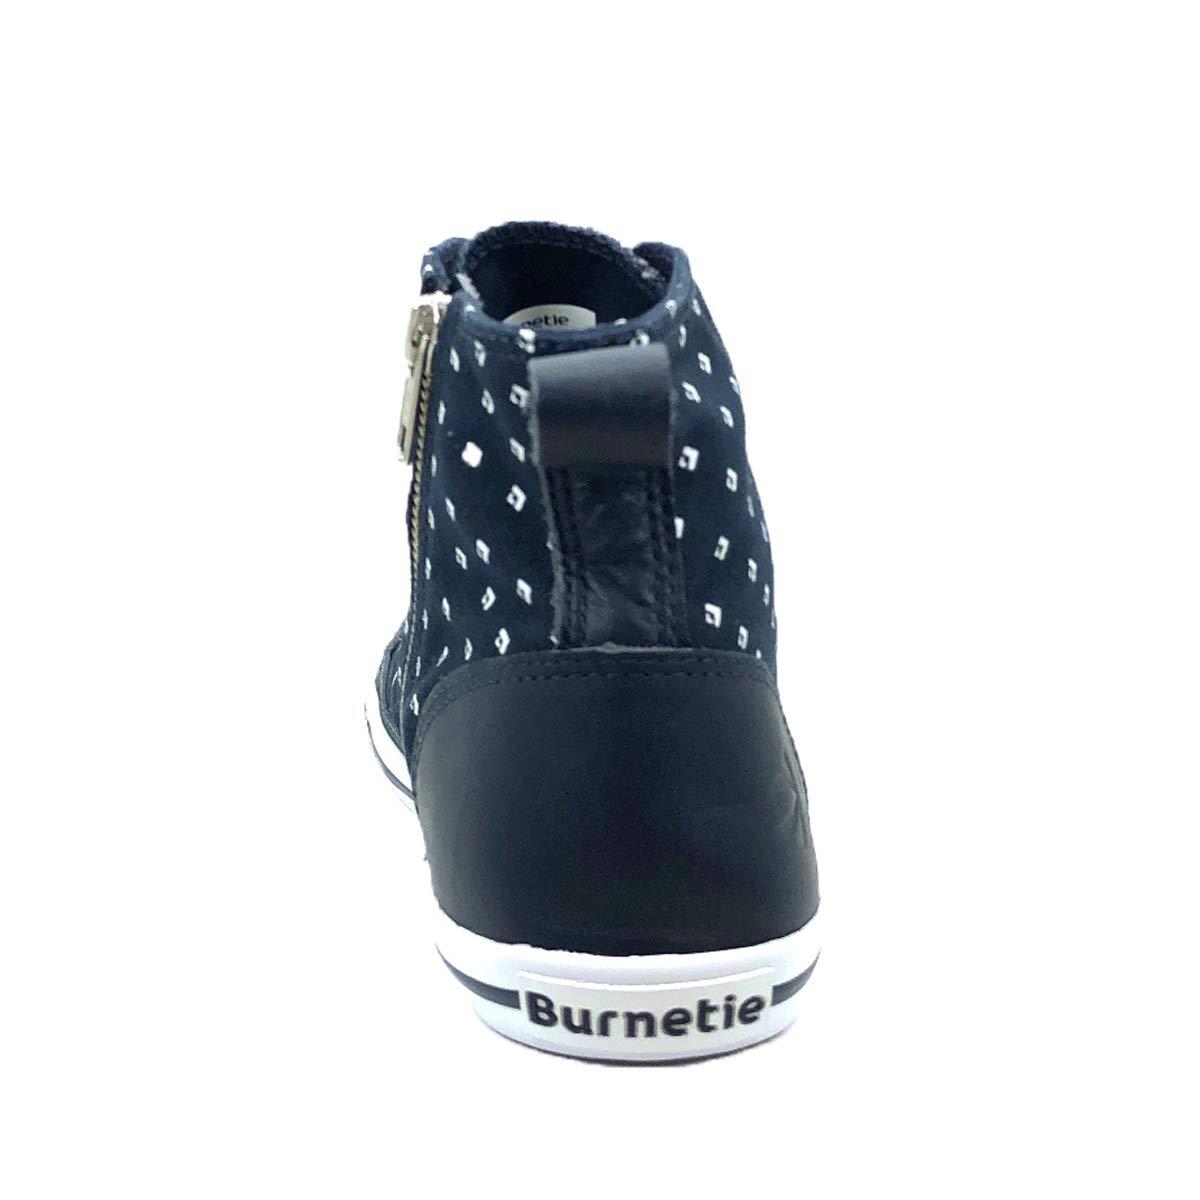 Burnetie Womens Navy Printed High Top Vintage Sneaker